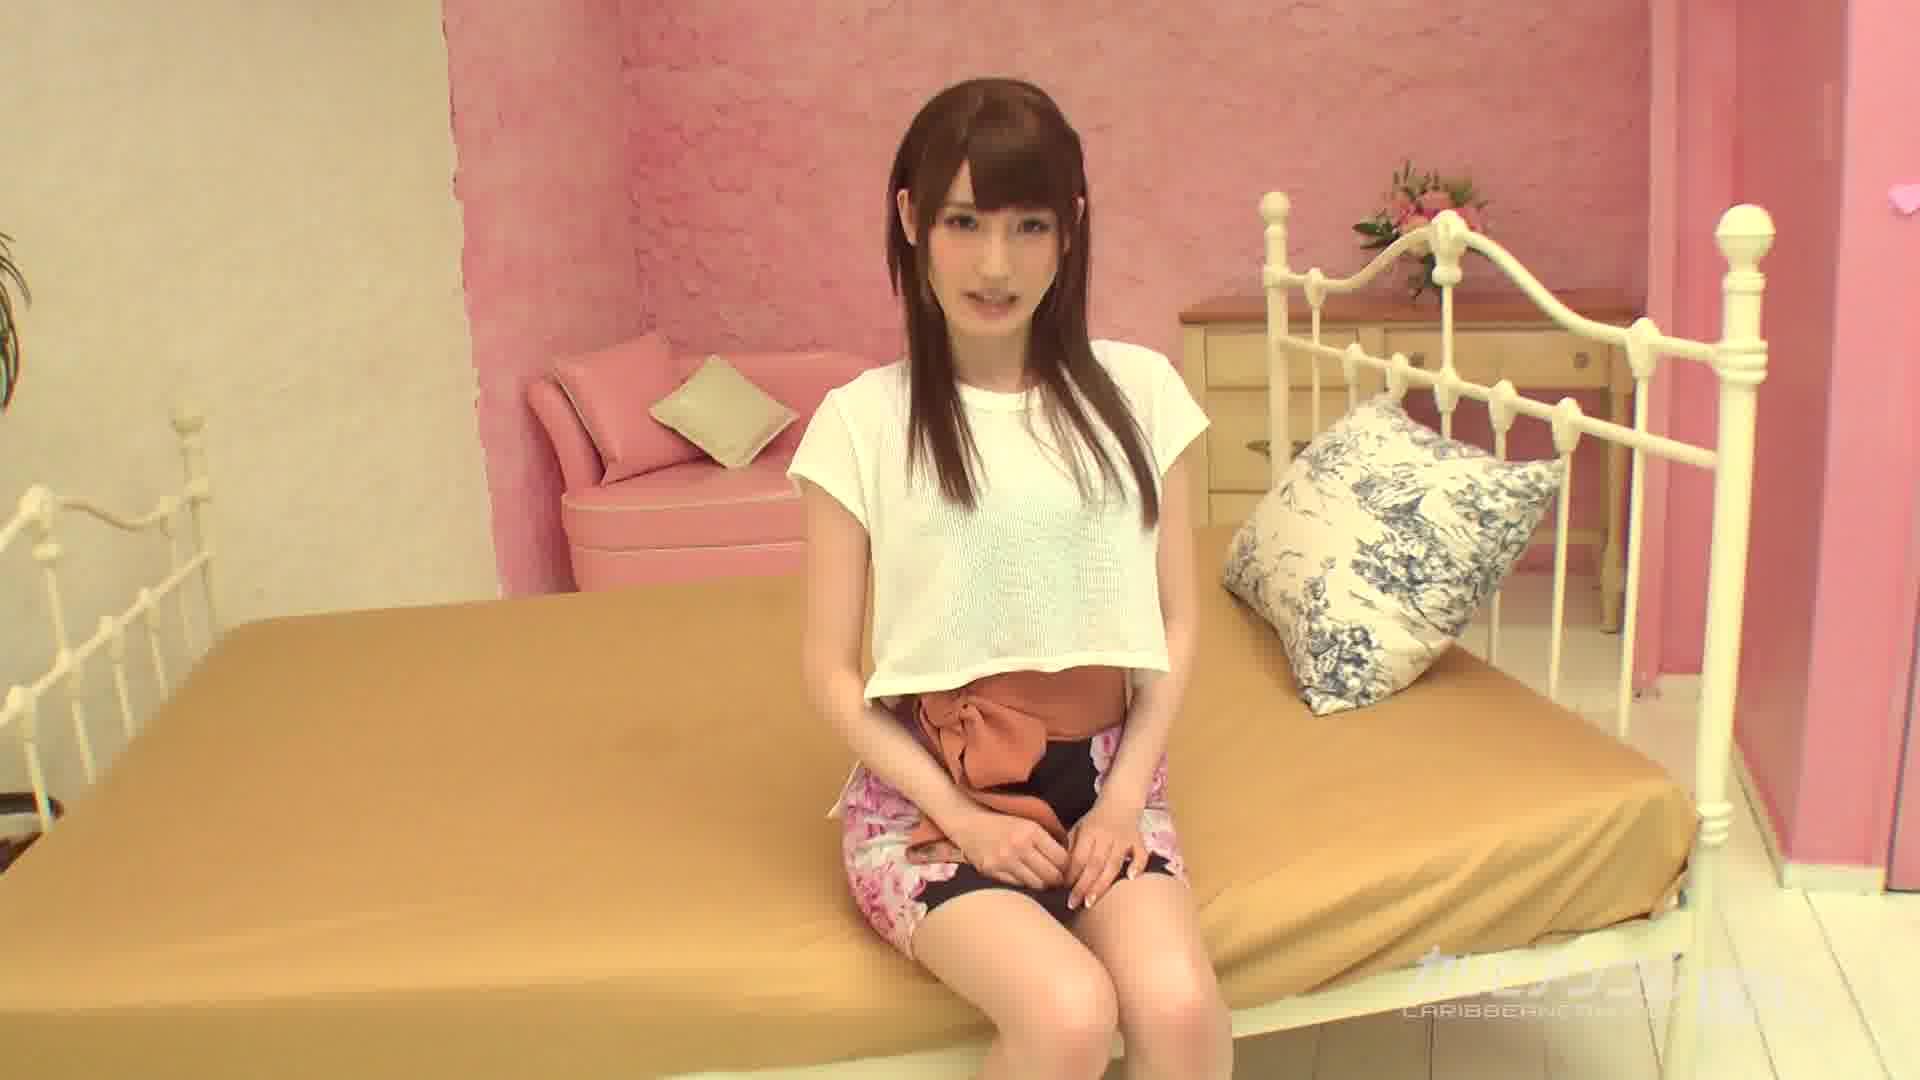 仕事のために身体を捧げる新人モデル - 愛沢かりん【美乳・オナニー・中出し】